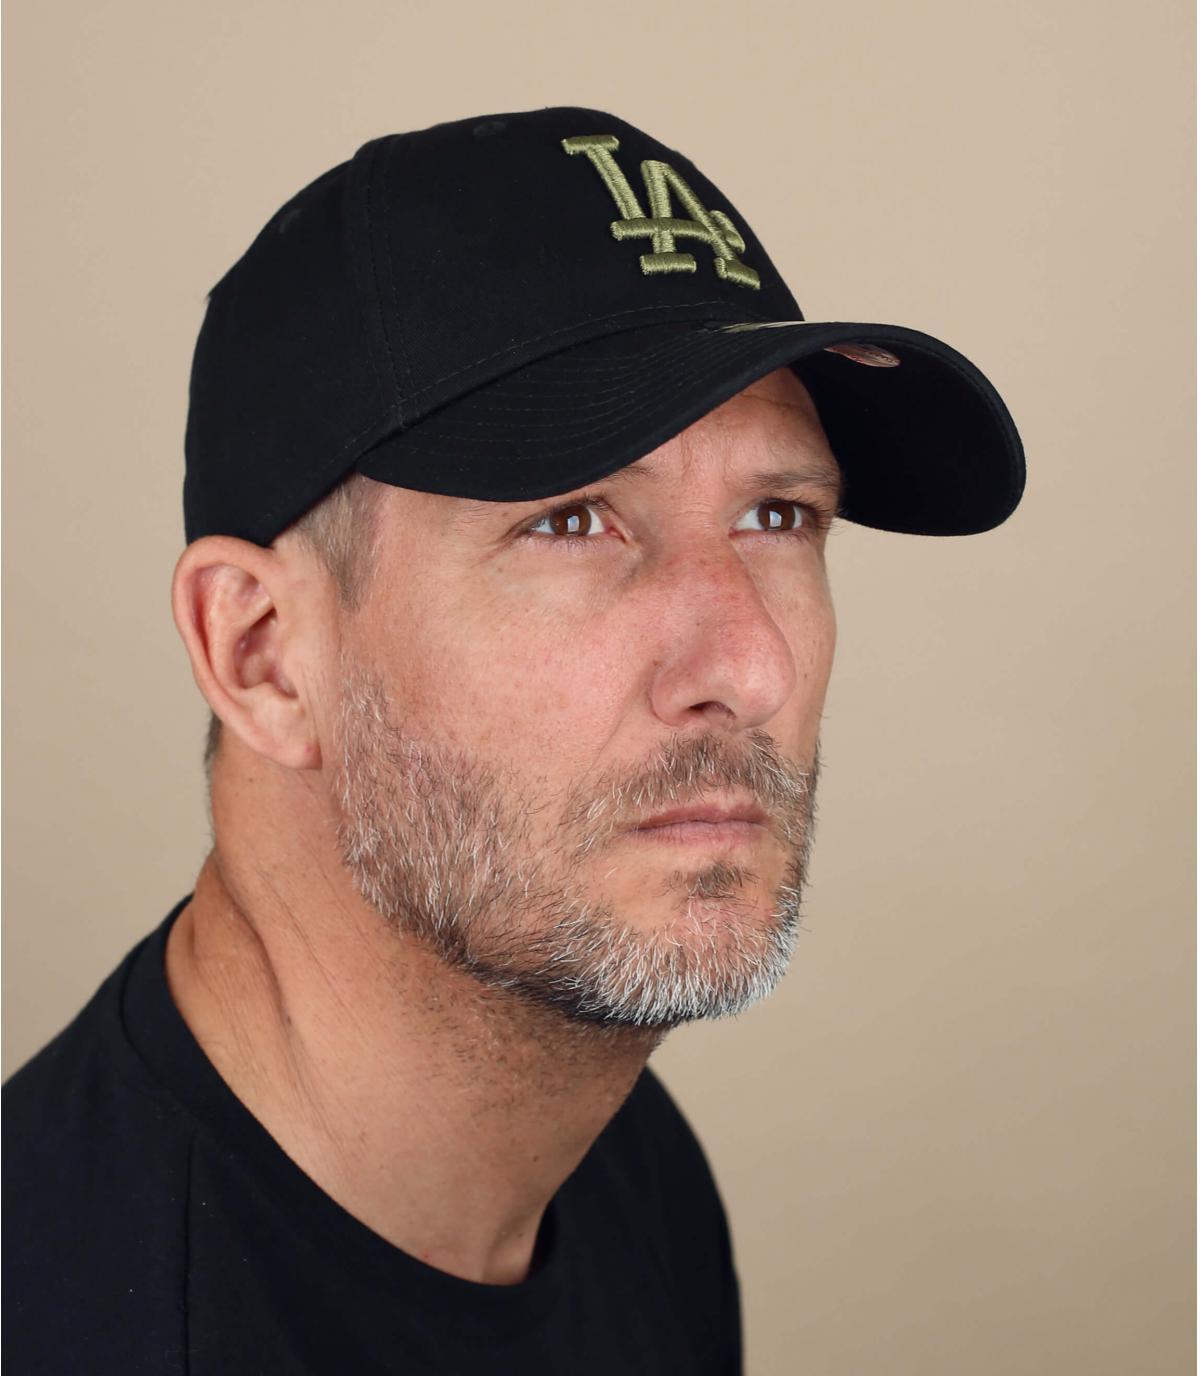 casquette LA noir vert